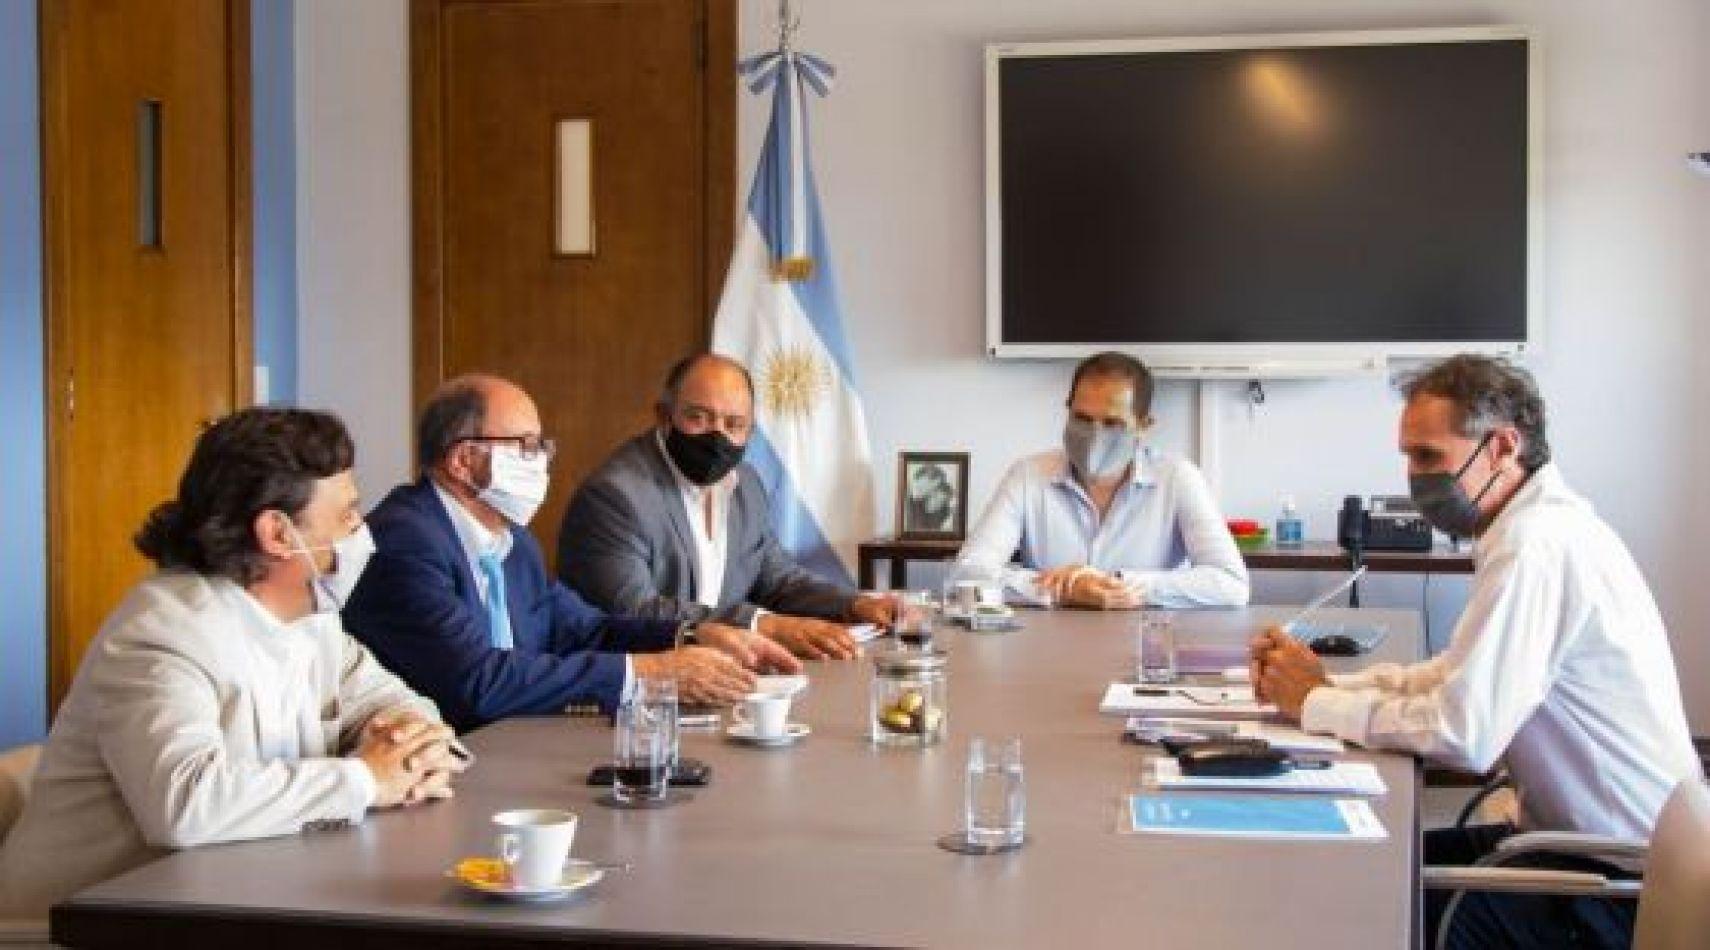 El gobernador Sáenz presentó a Nación nuevos proyectos de obras para Salta